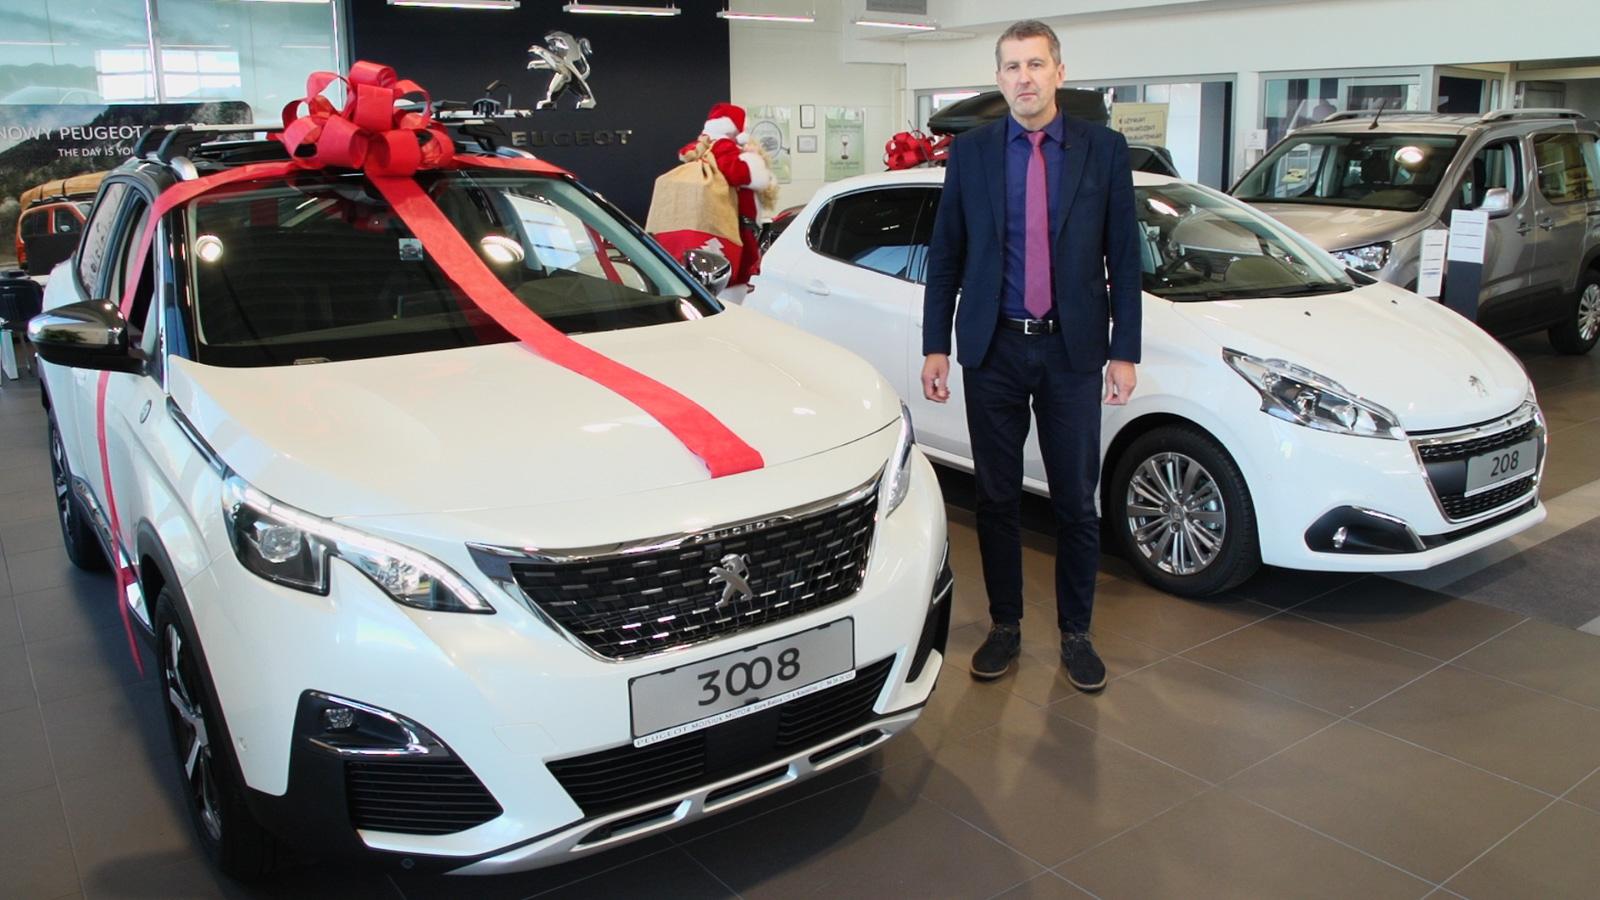 Prezentowany model Peugeot 3008 dostępny jest w miesięcznych ratach netto w ramach leasingu Peugeot Perfect Drive już od 1180 zł (10% wpłaty własnej, 36 miesiącach, przebiegu 20 tys. km na rok).